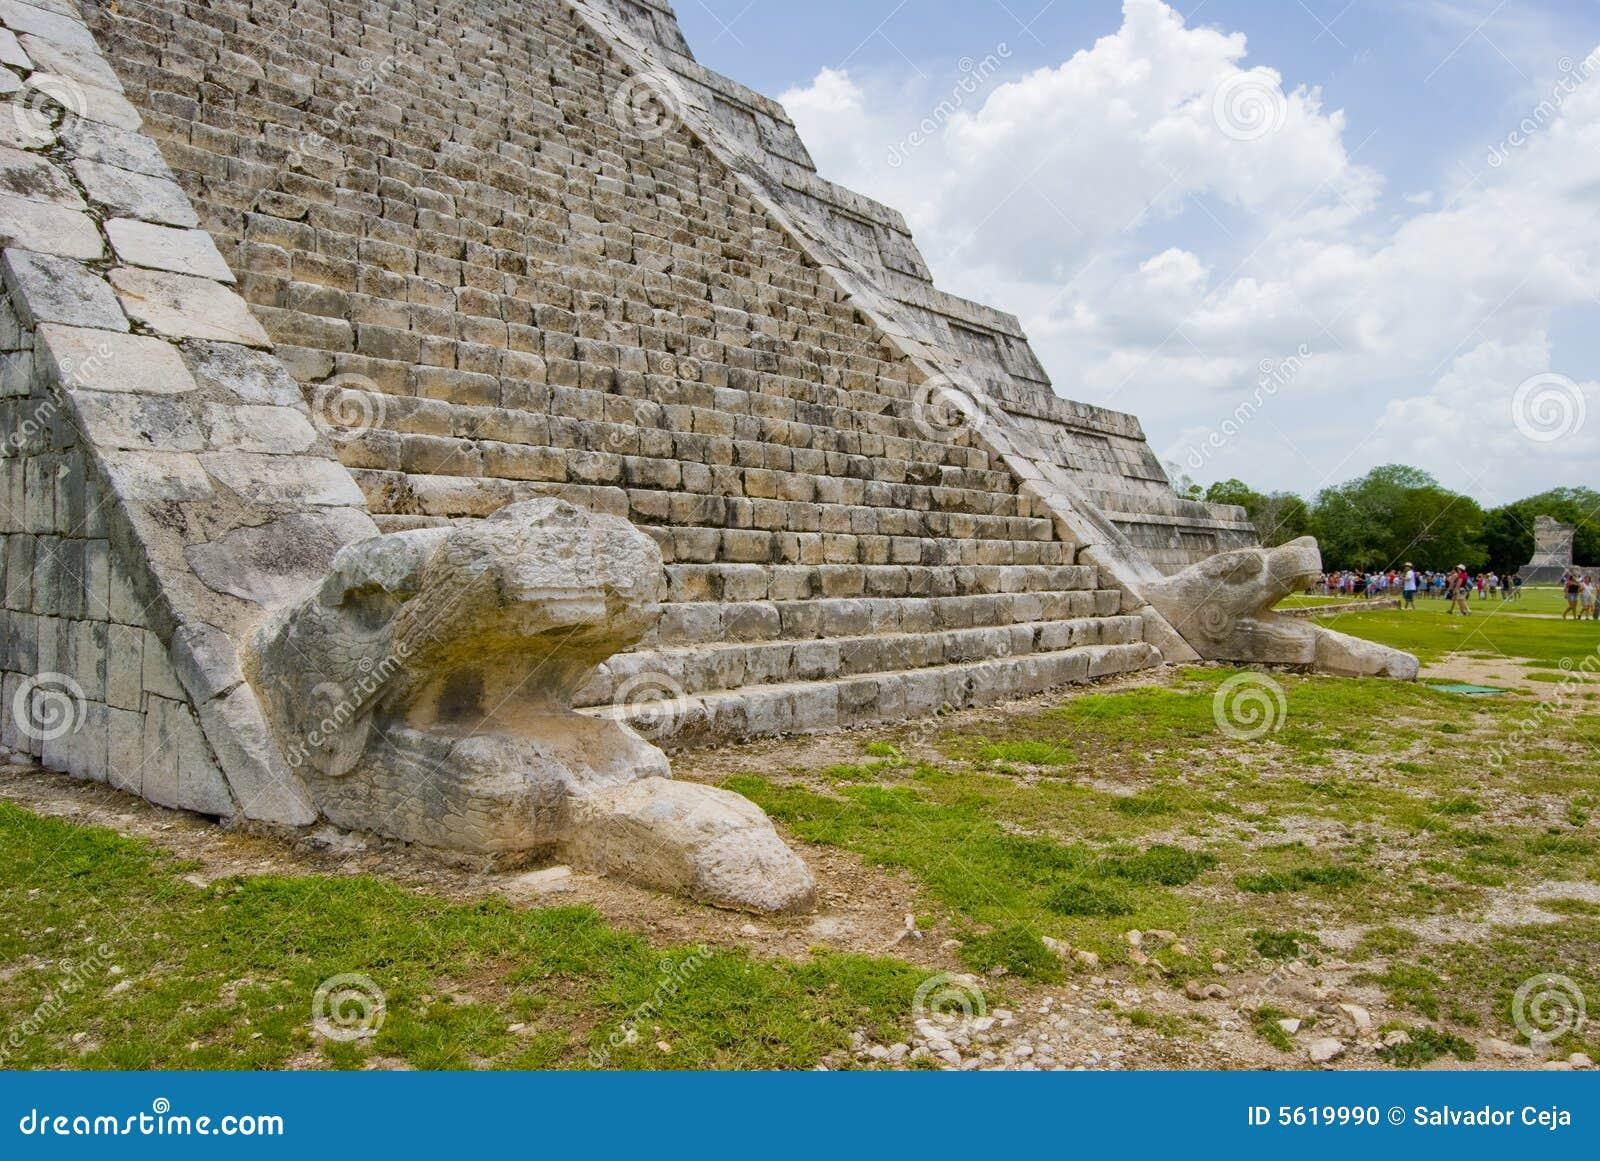 religion at chichen itza Chichen itza - ruinas mayas chichen itza está considerada como la ciudad más importante de la cultura maya y cuenta con las más asombrosas construcciones que son ejemplo de su avanzado desarrollo arquitectónico.